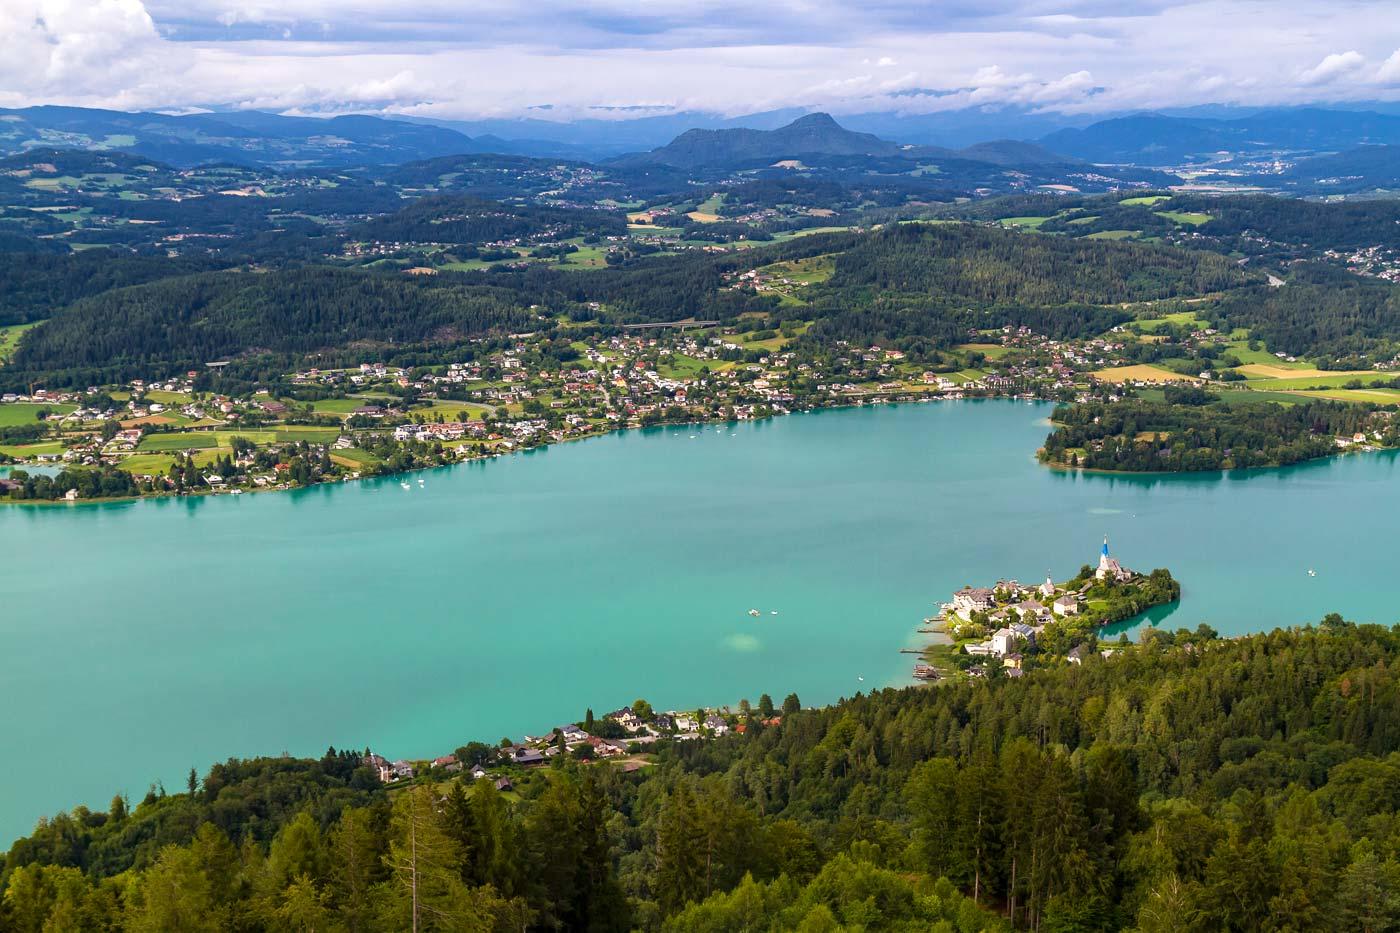 Вид на озеро Вёртерзее с башни Пирамиденкогель, Австрия, Каринтия